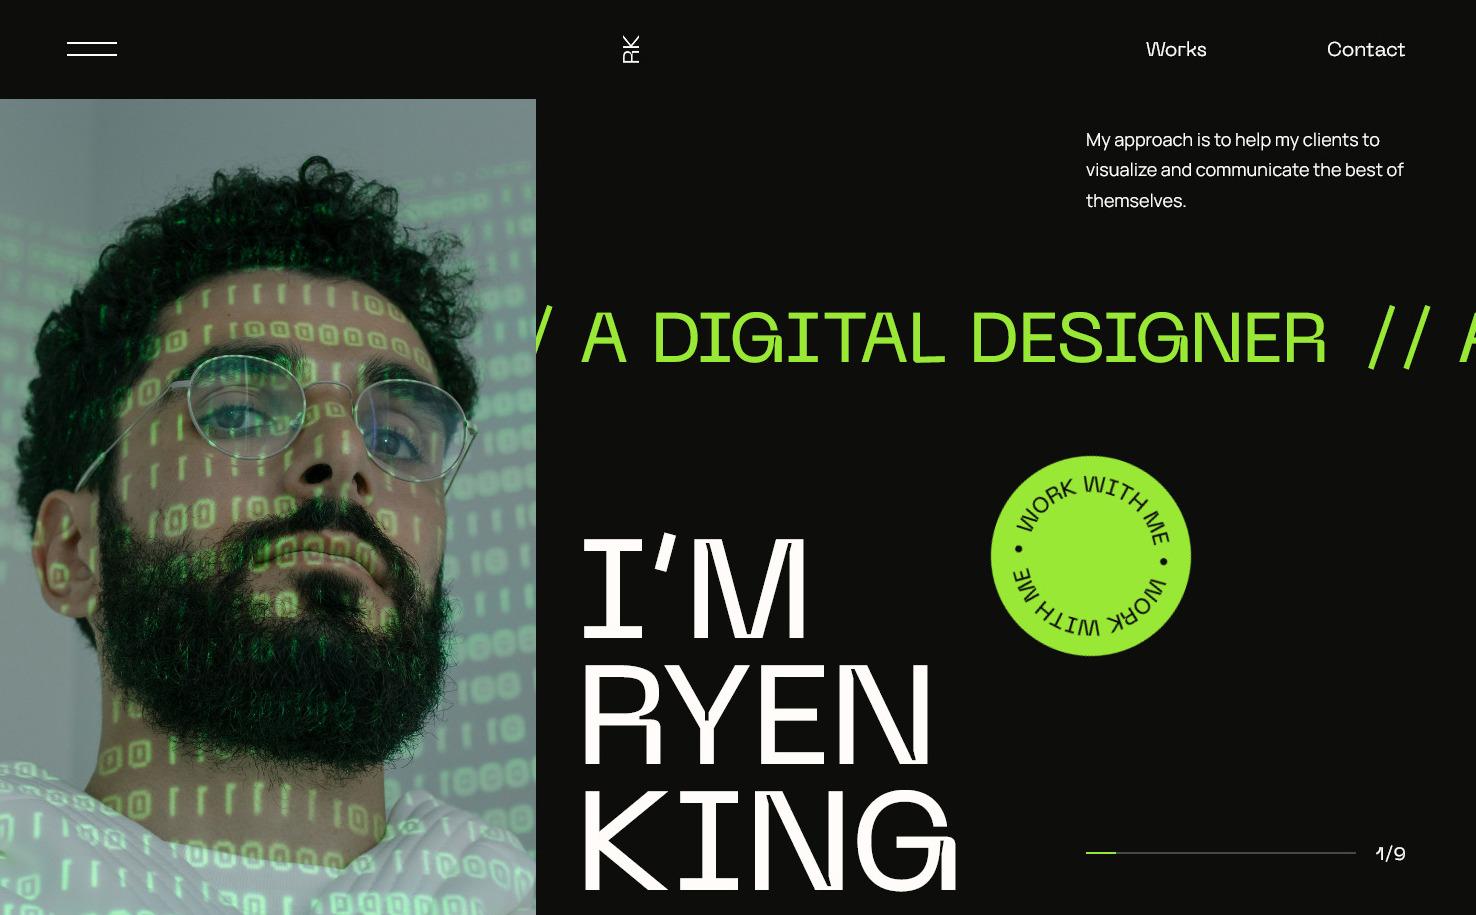 Ryen King Personal CV Resume WordPress Theme